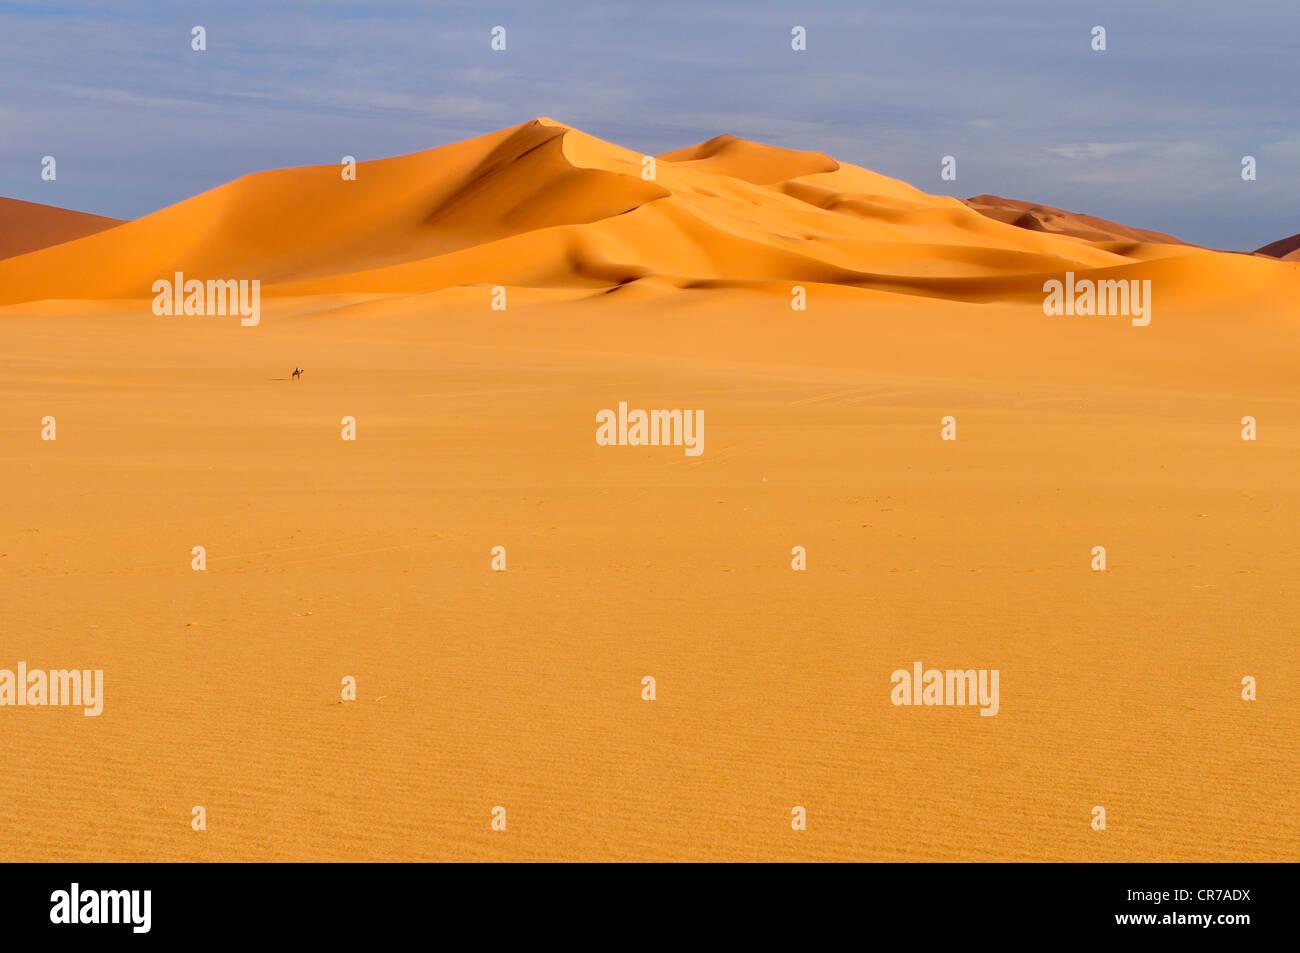 L'Algérie, Sahara, voir des dunes de sable Photo Stock